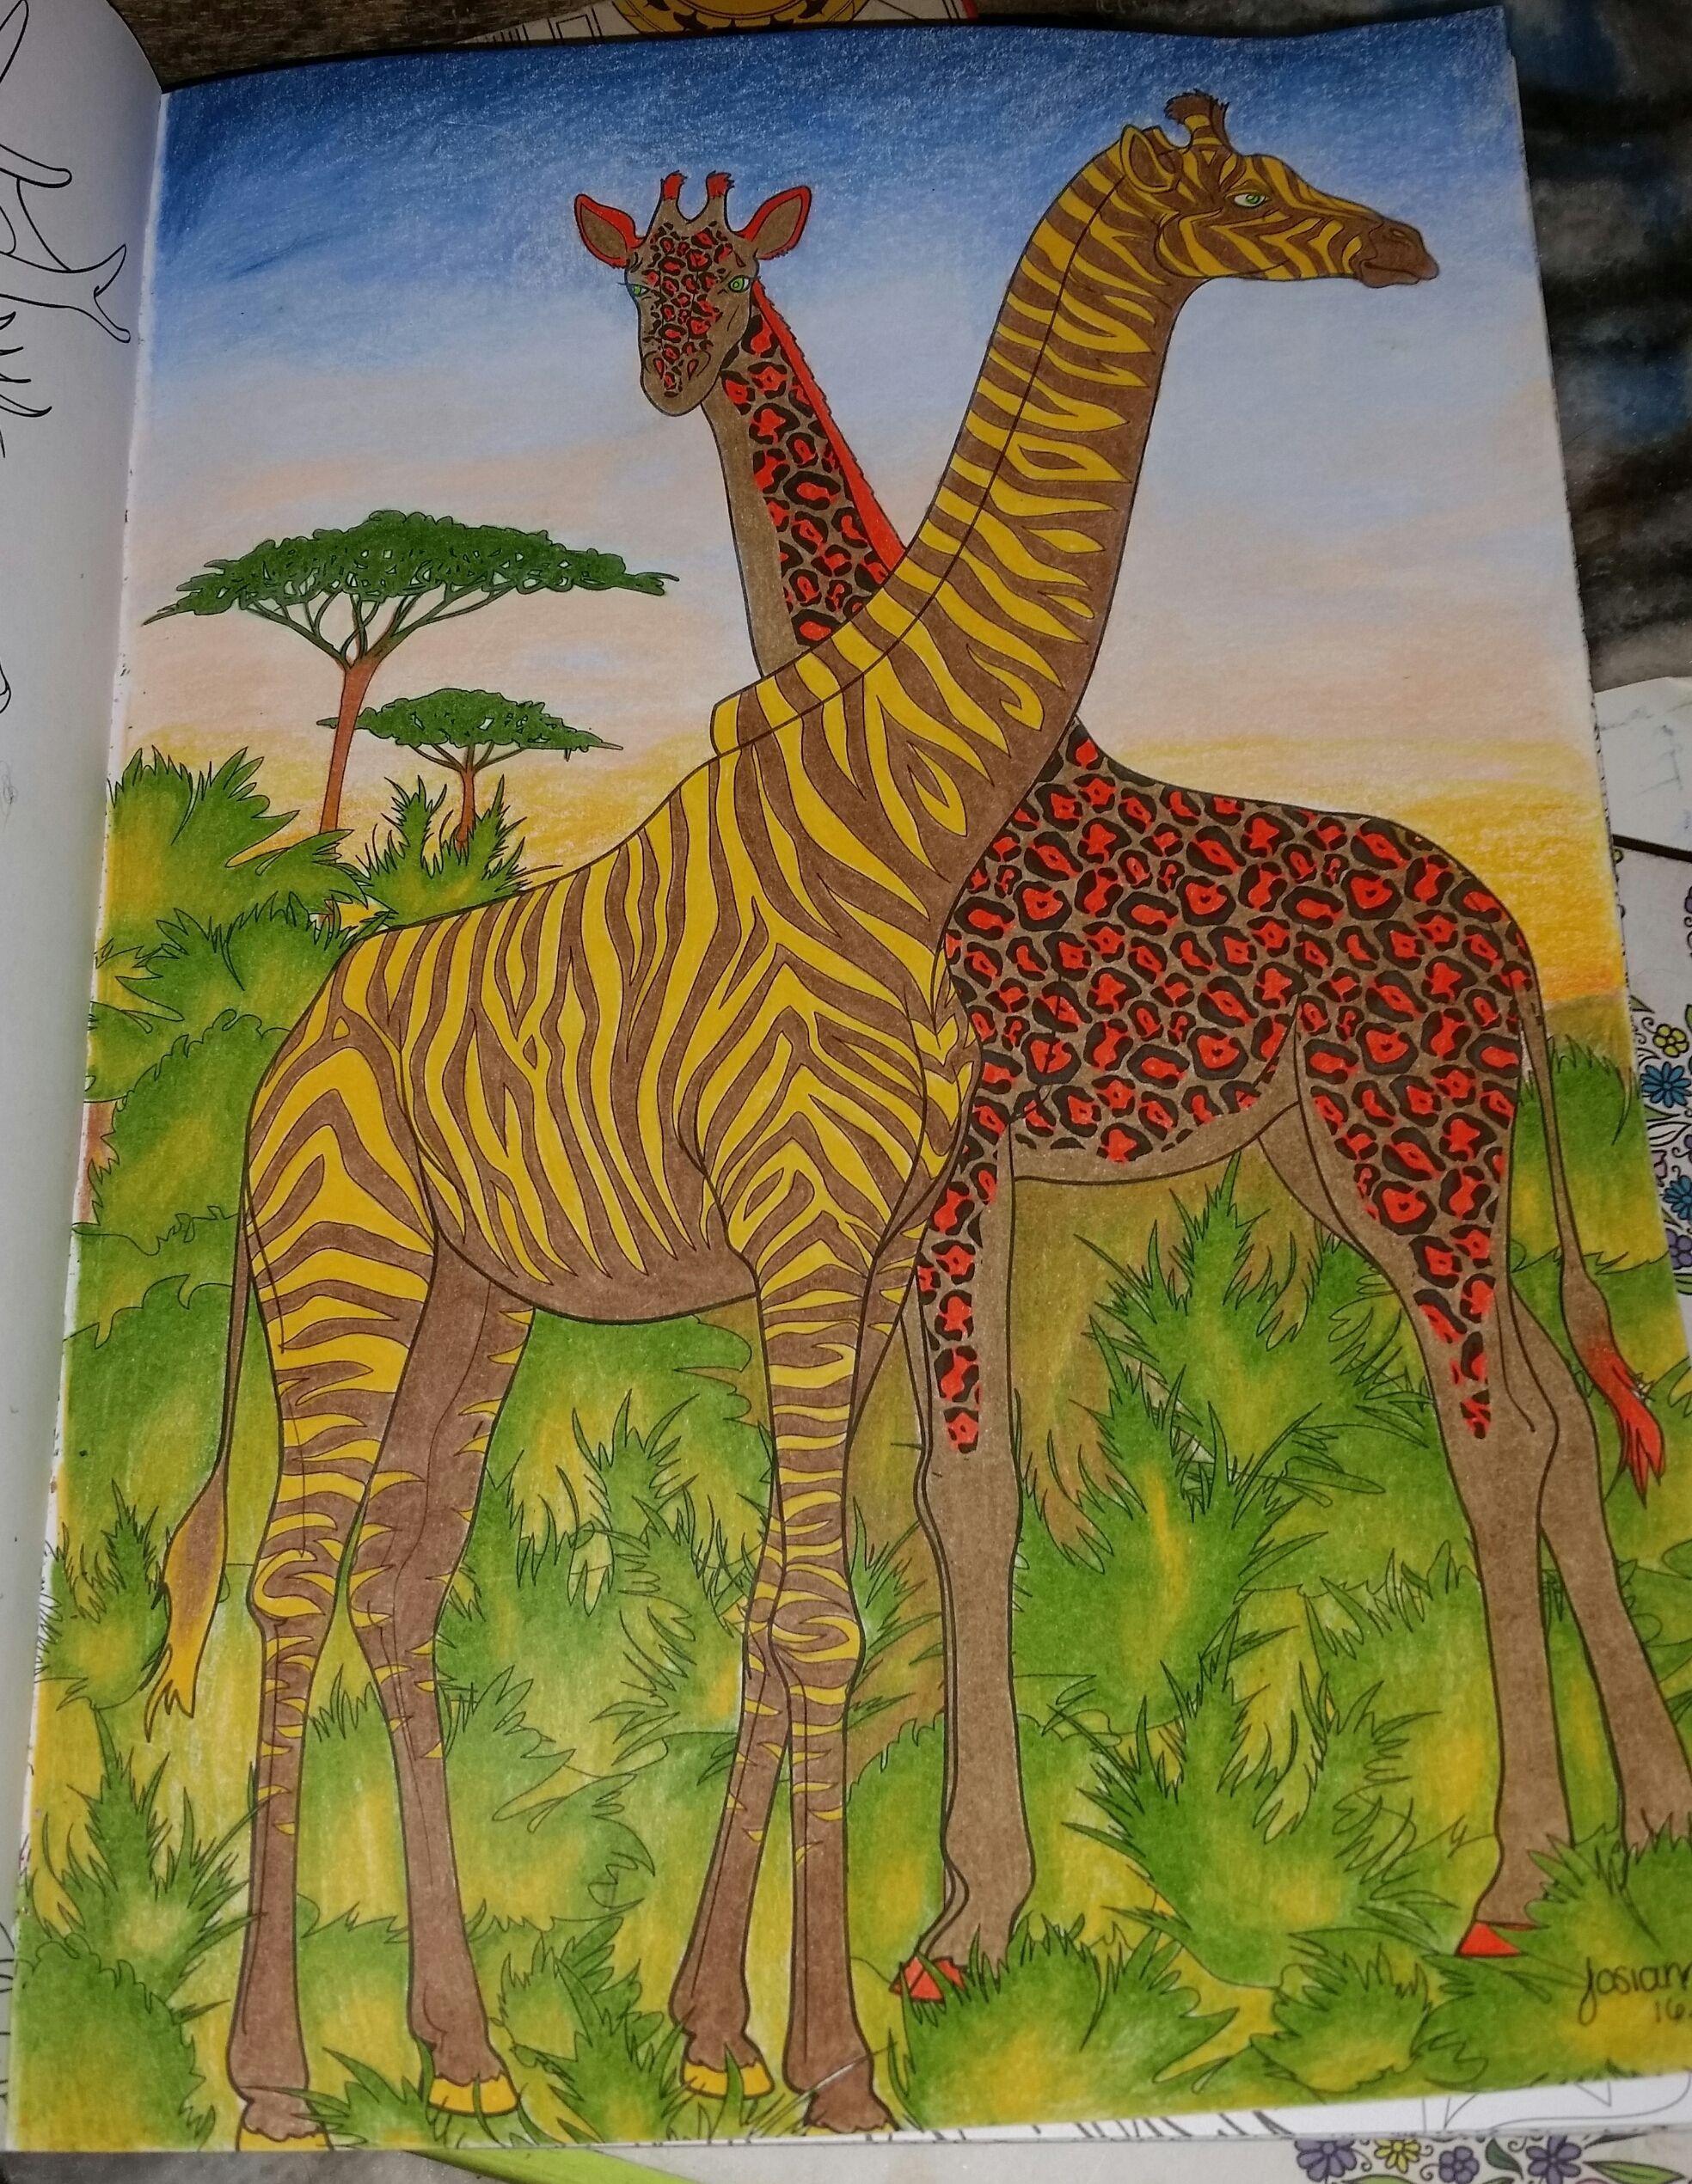 Du livre nouveau bestiaire extraordinaire 100 coloriages anti stress de hachette art th rapie - Coloriage art therapie ...